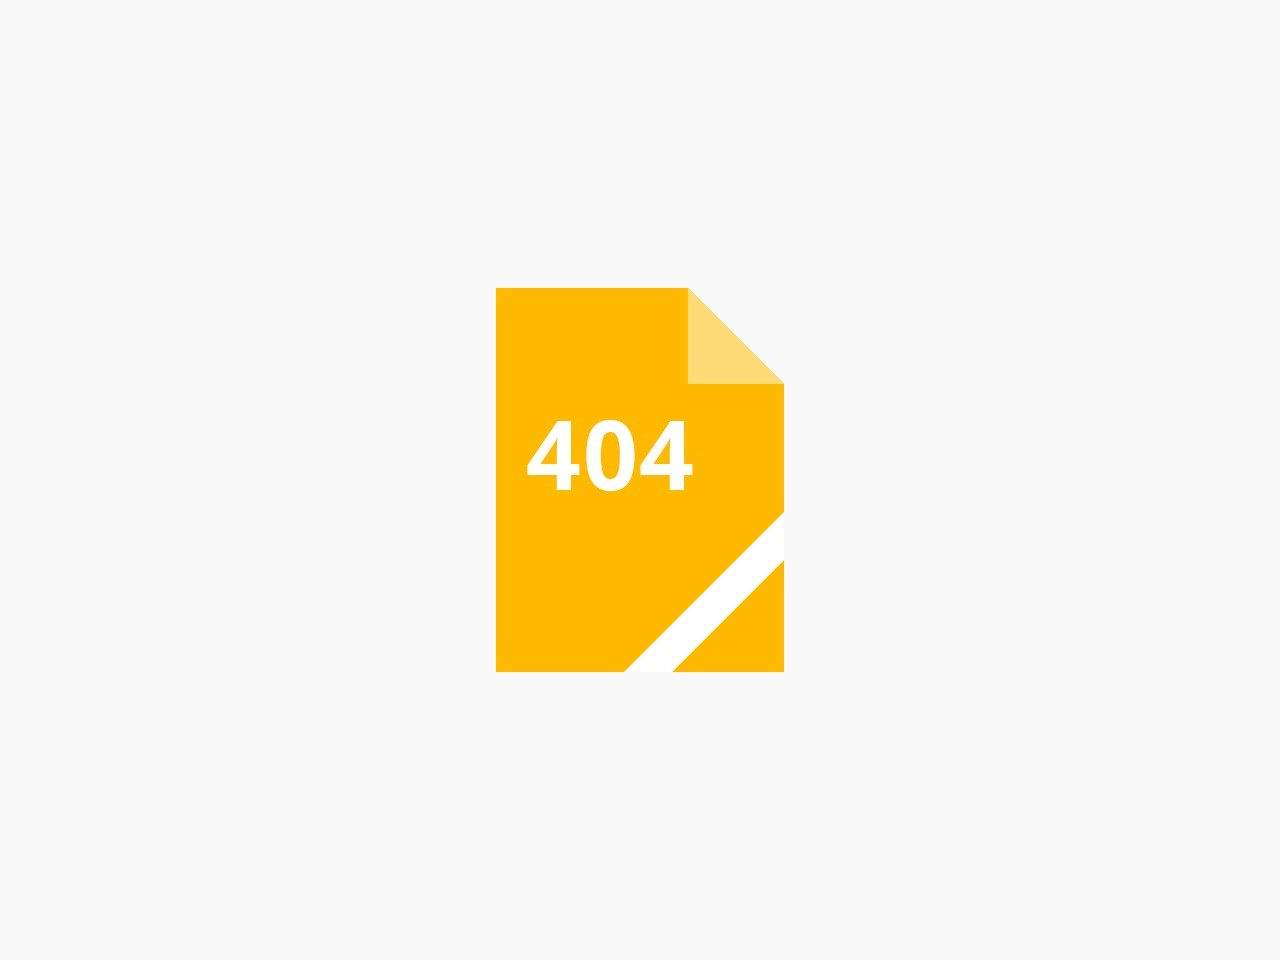 浙江省教育考试院